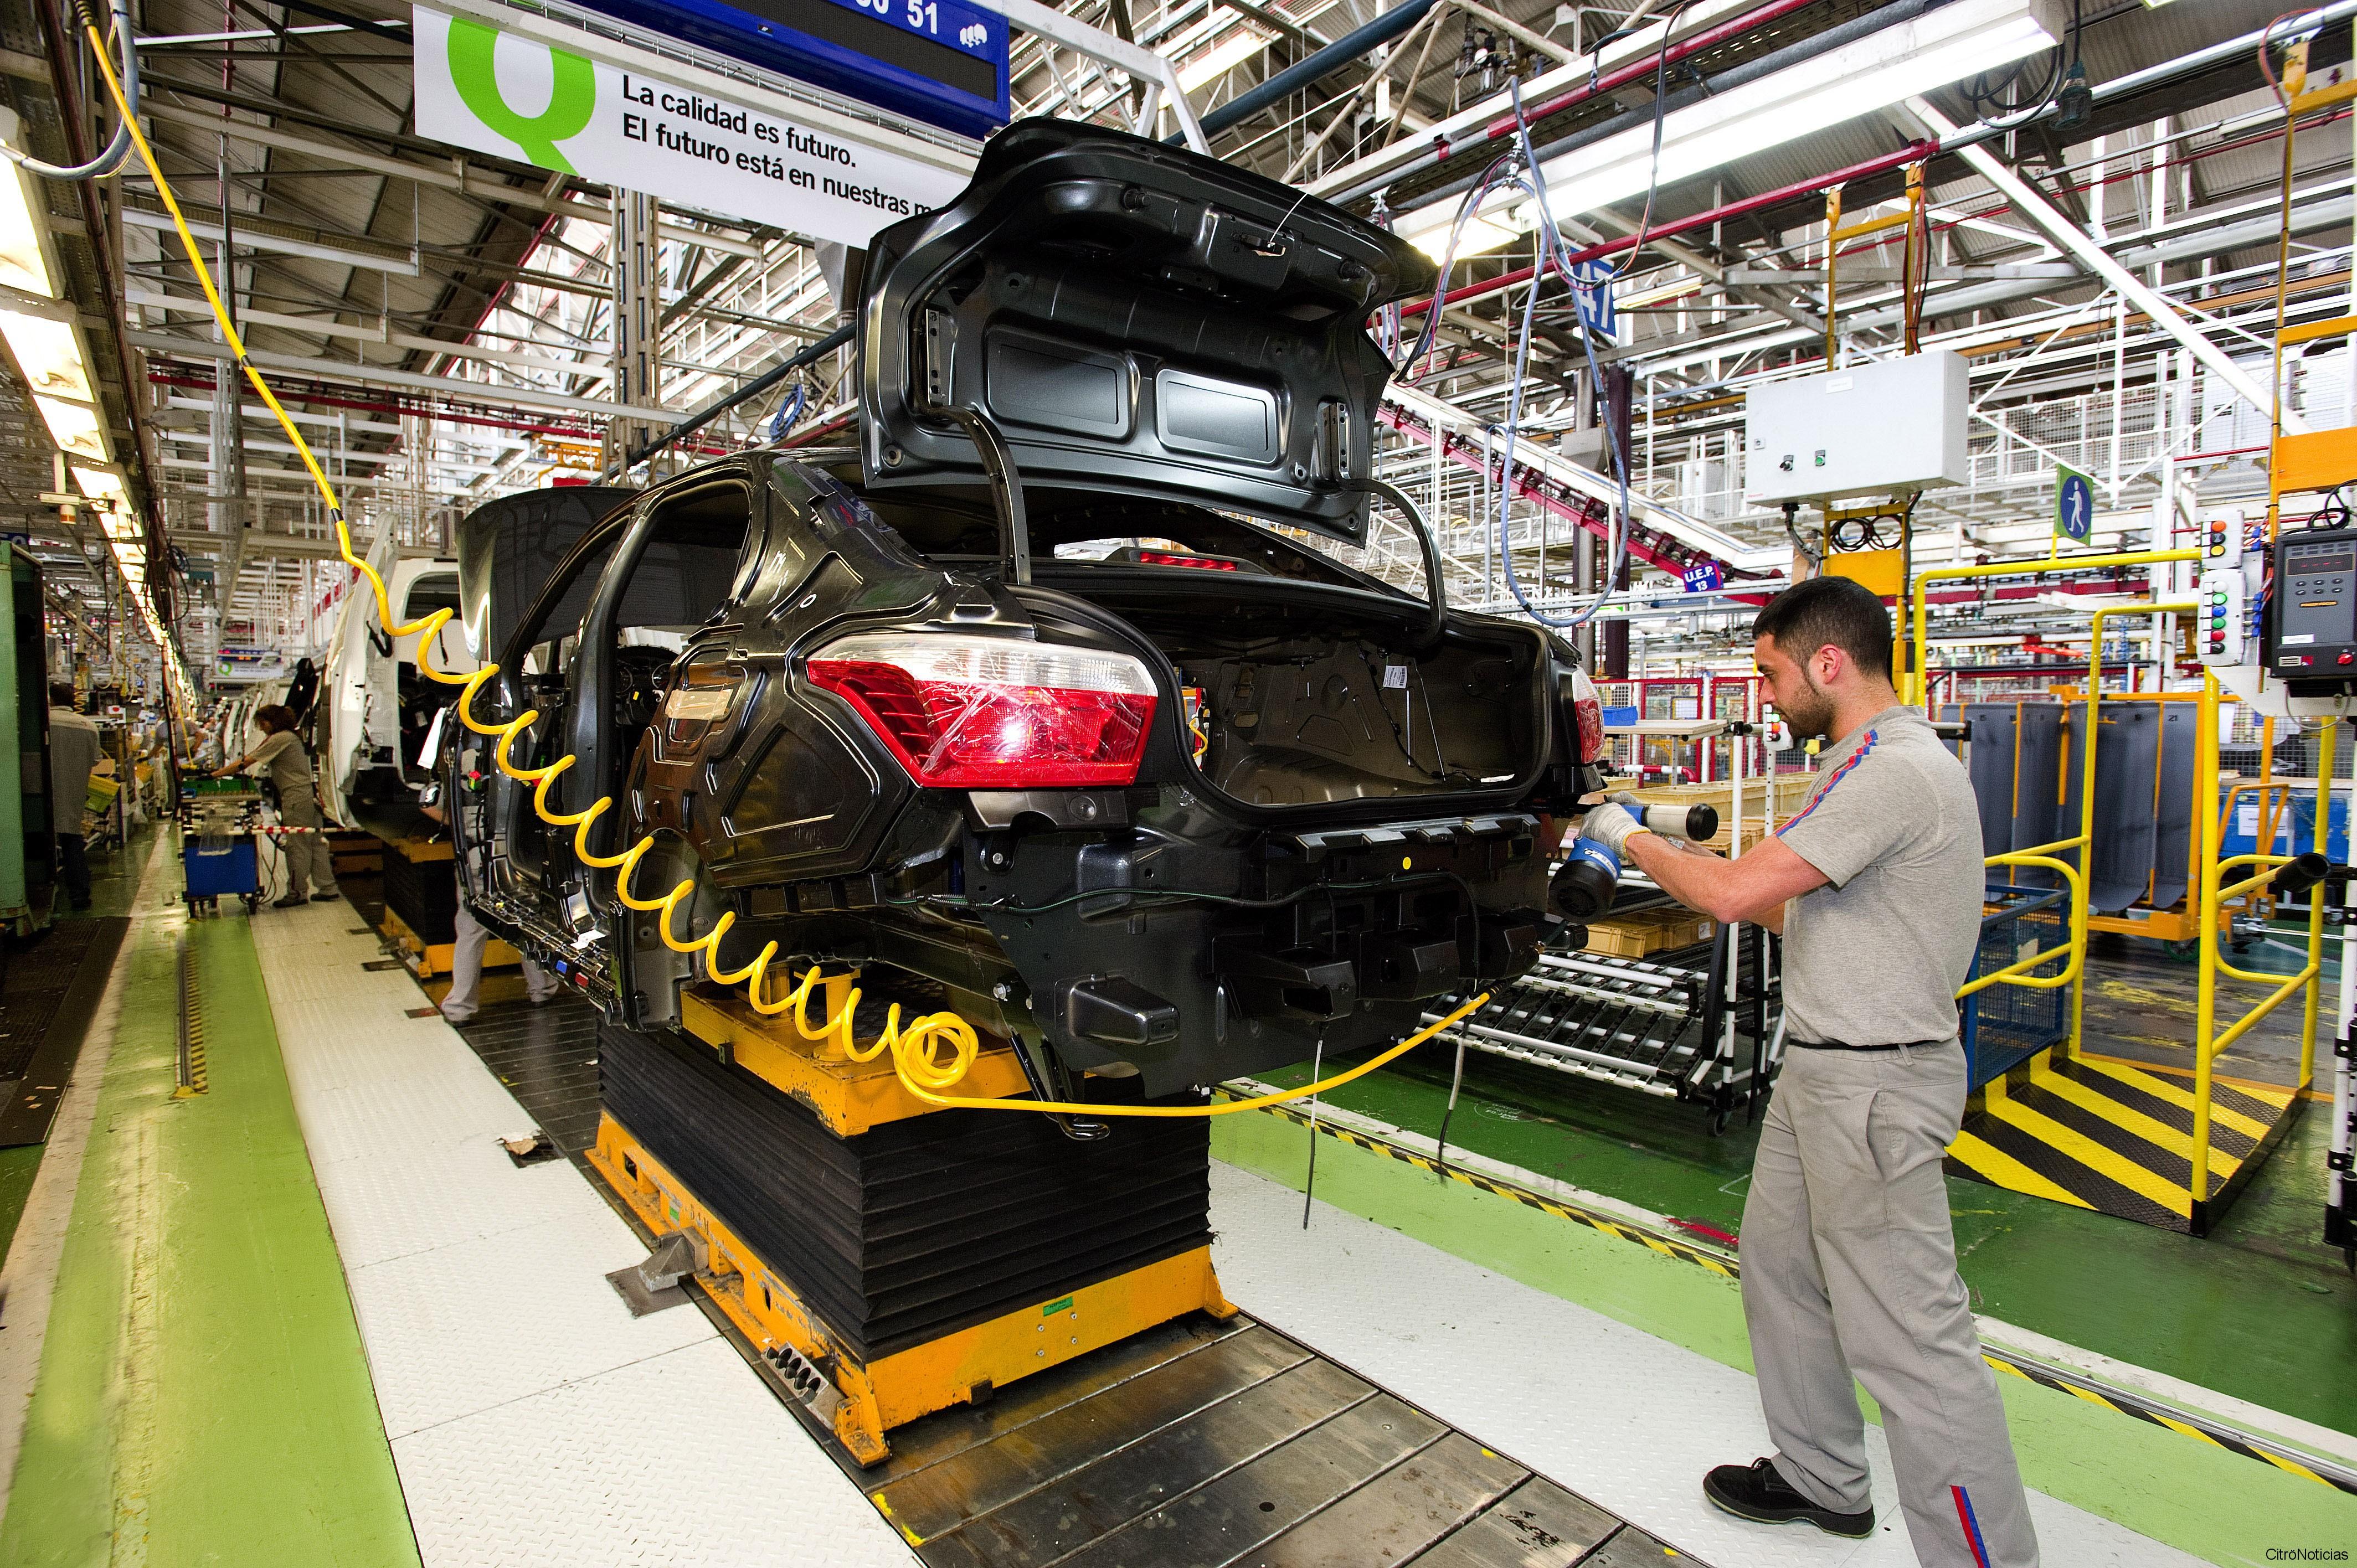 psa-fabricara-un-nuevo-modelo-en-vigo-e-invertira-700-millones-de-euros-en-espana-02